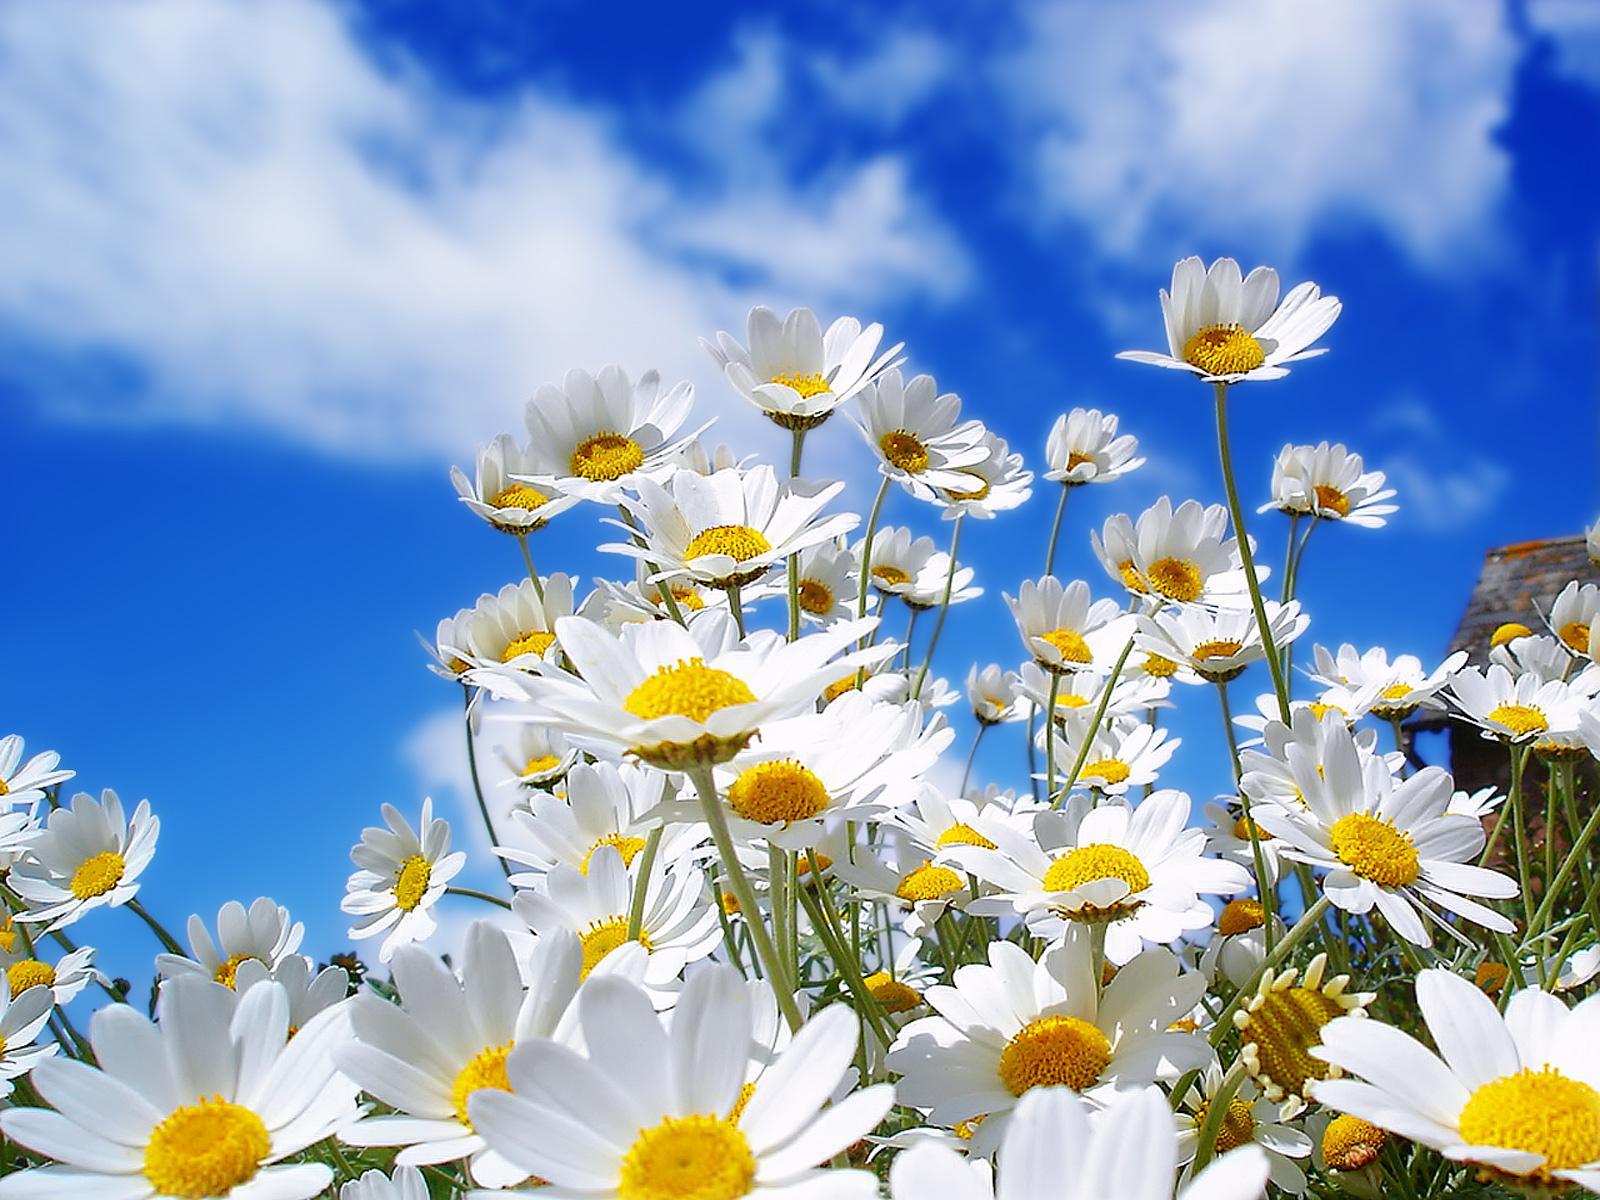 Hình ảnh hoa cỏ mùa xuân cực đẹp